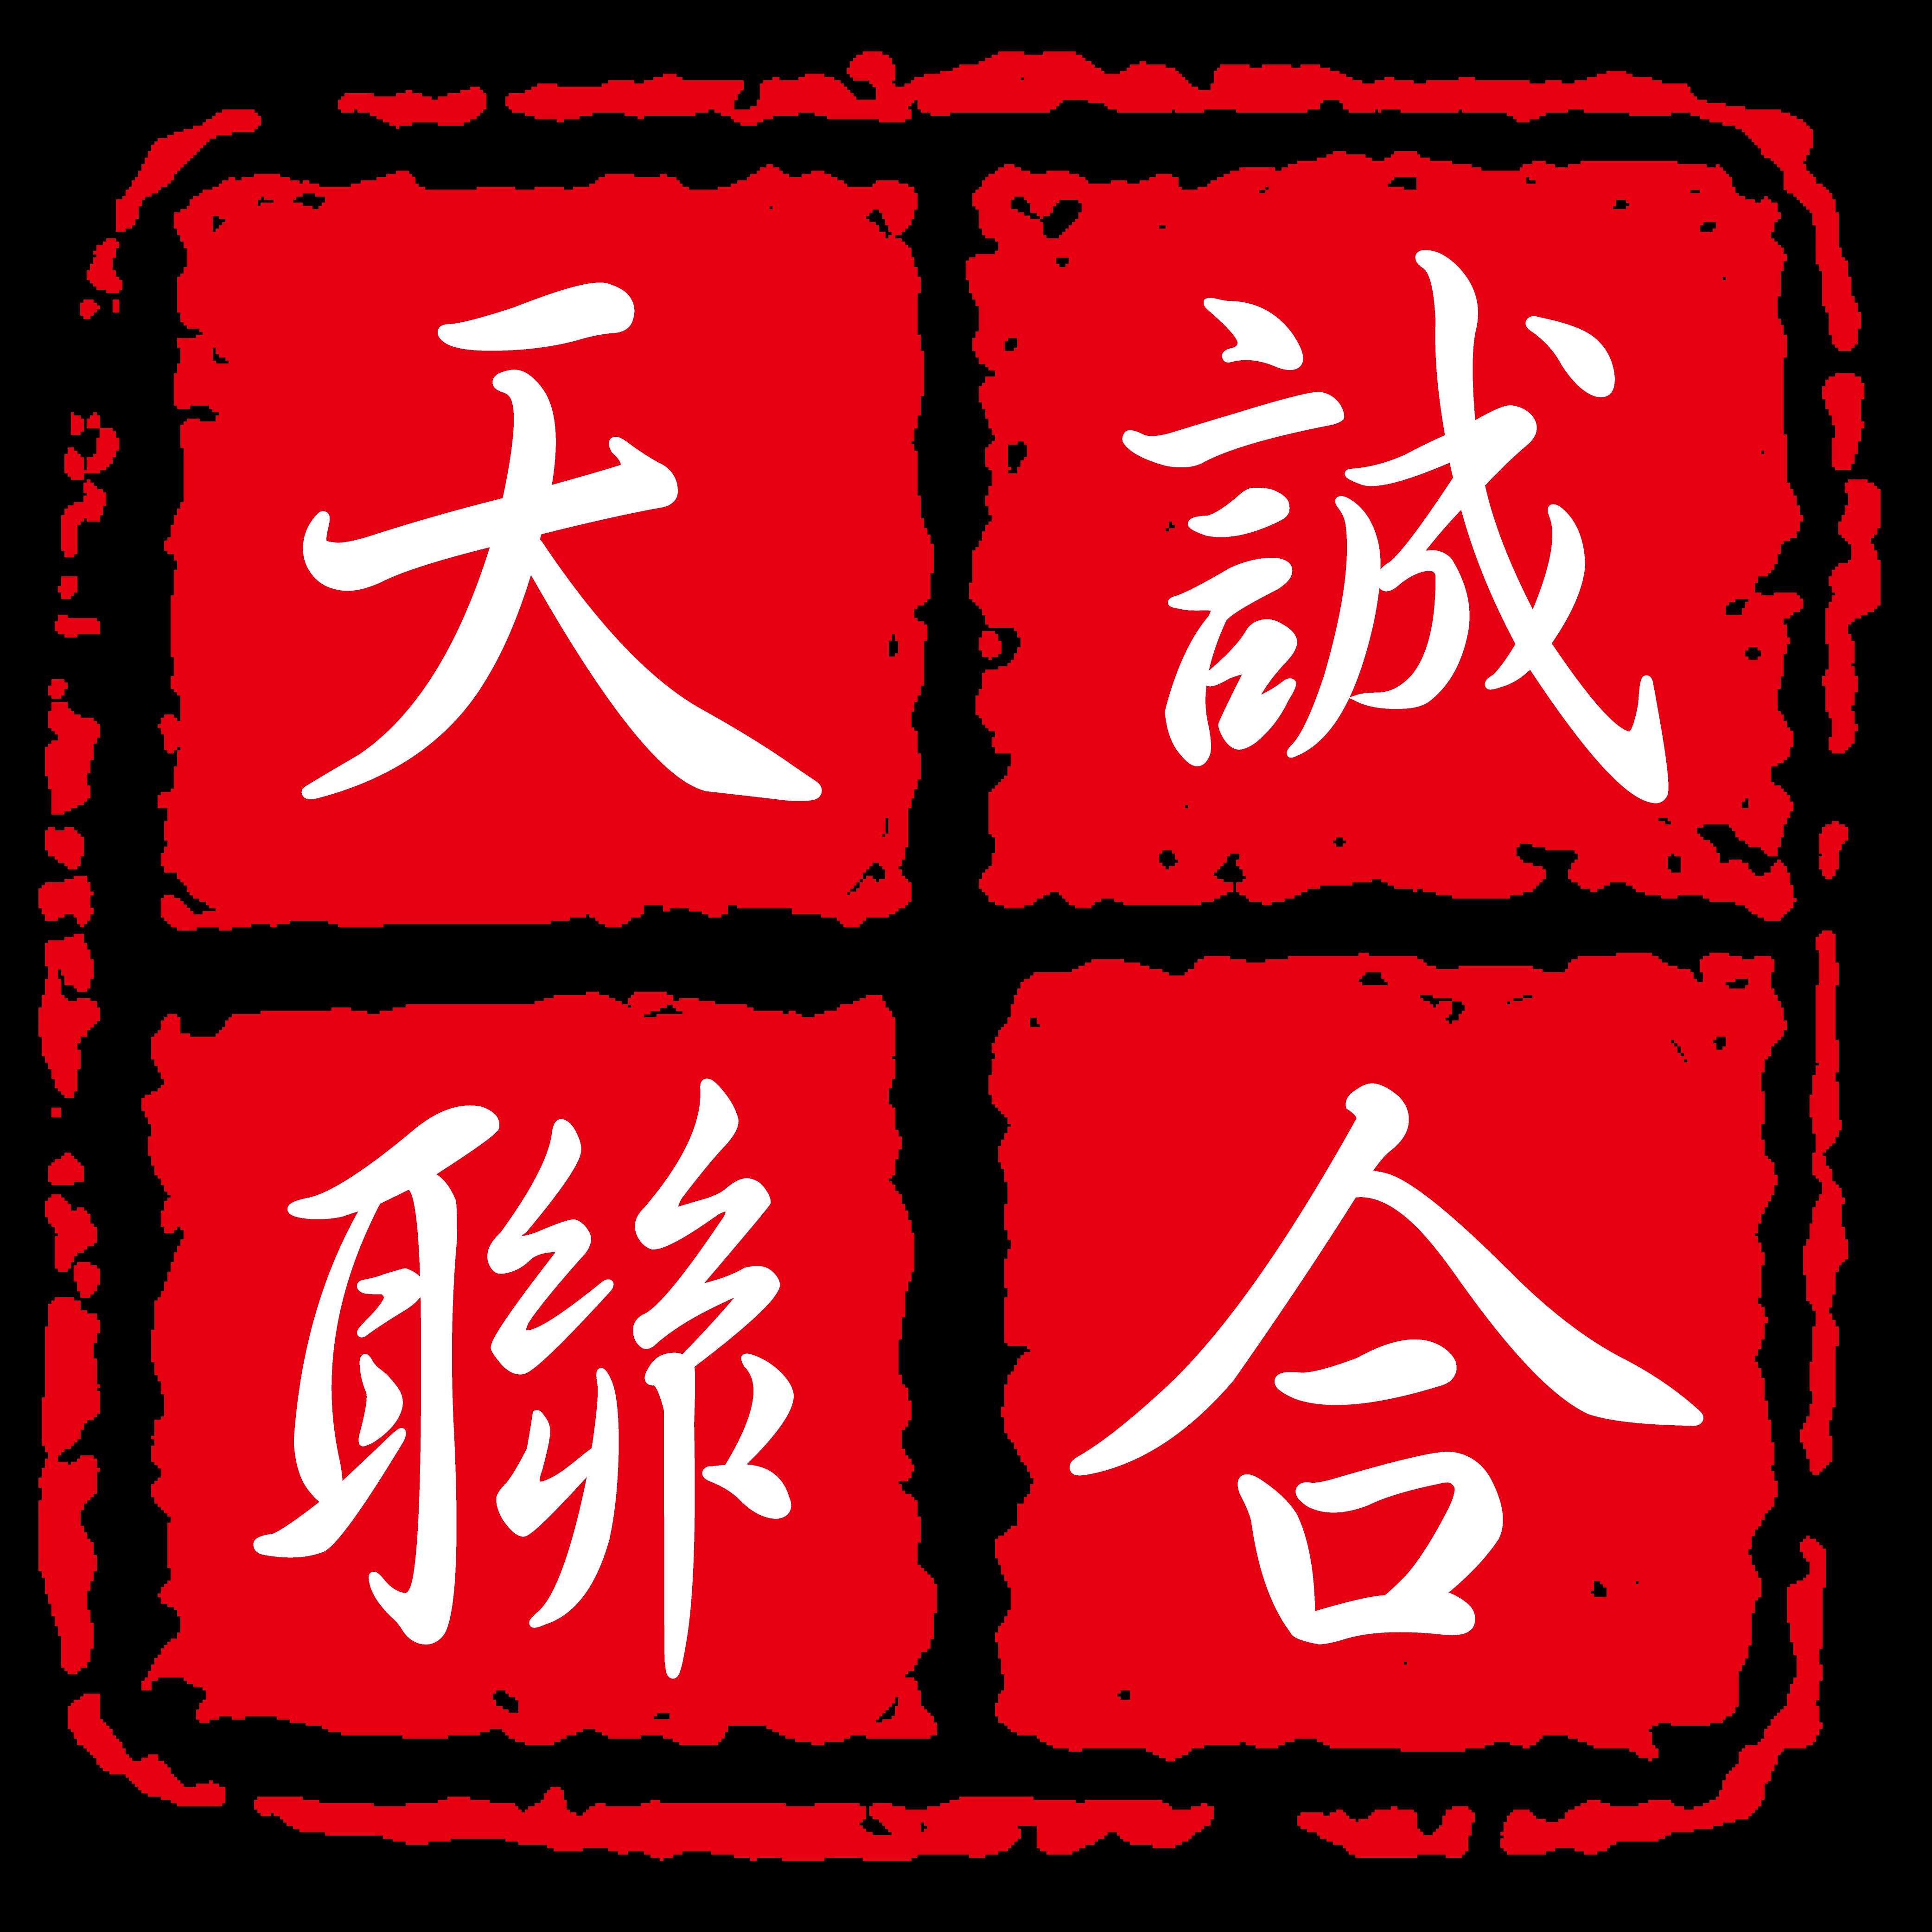 印章logo橫向